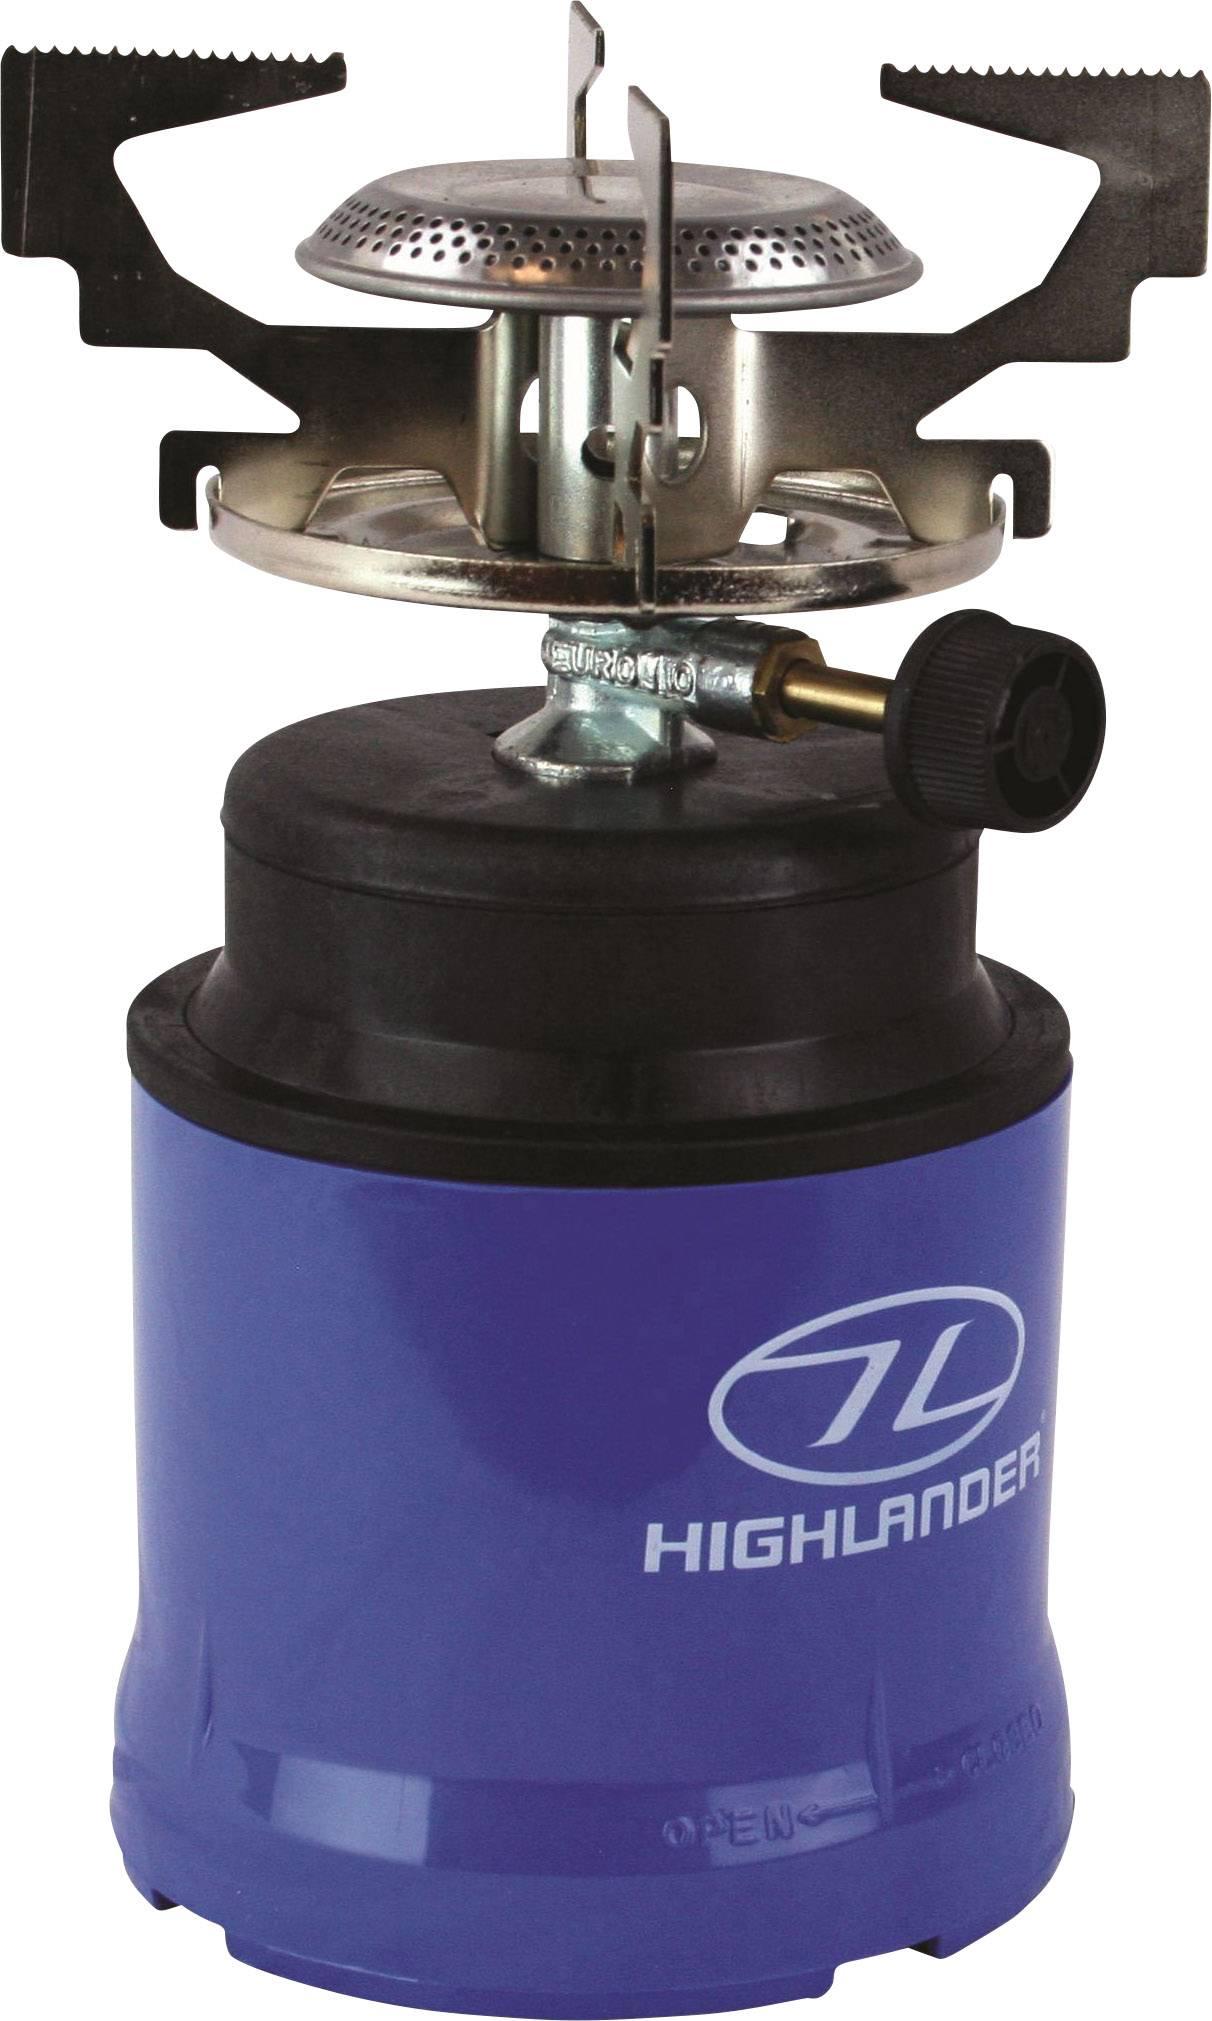 848226e56d68d3 Highlander Gas Camping Kocher Gaskocher GAS010 ABS Kunststoff ...